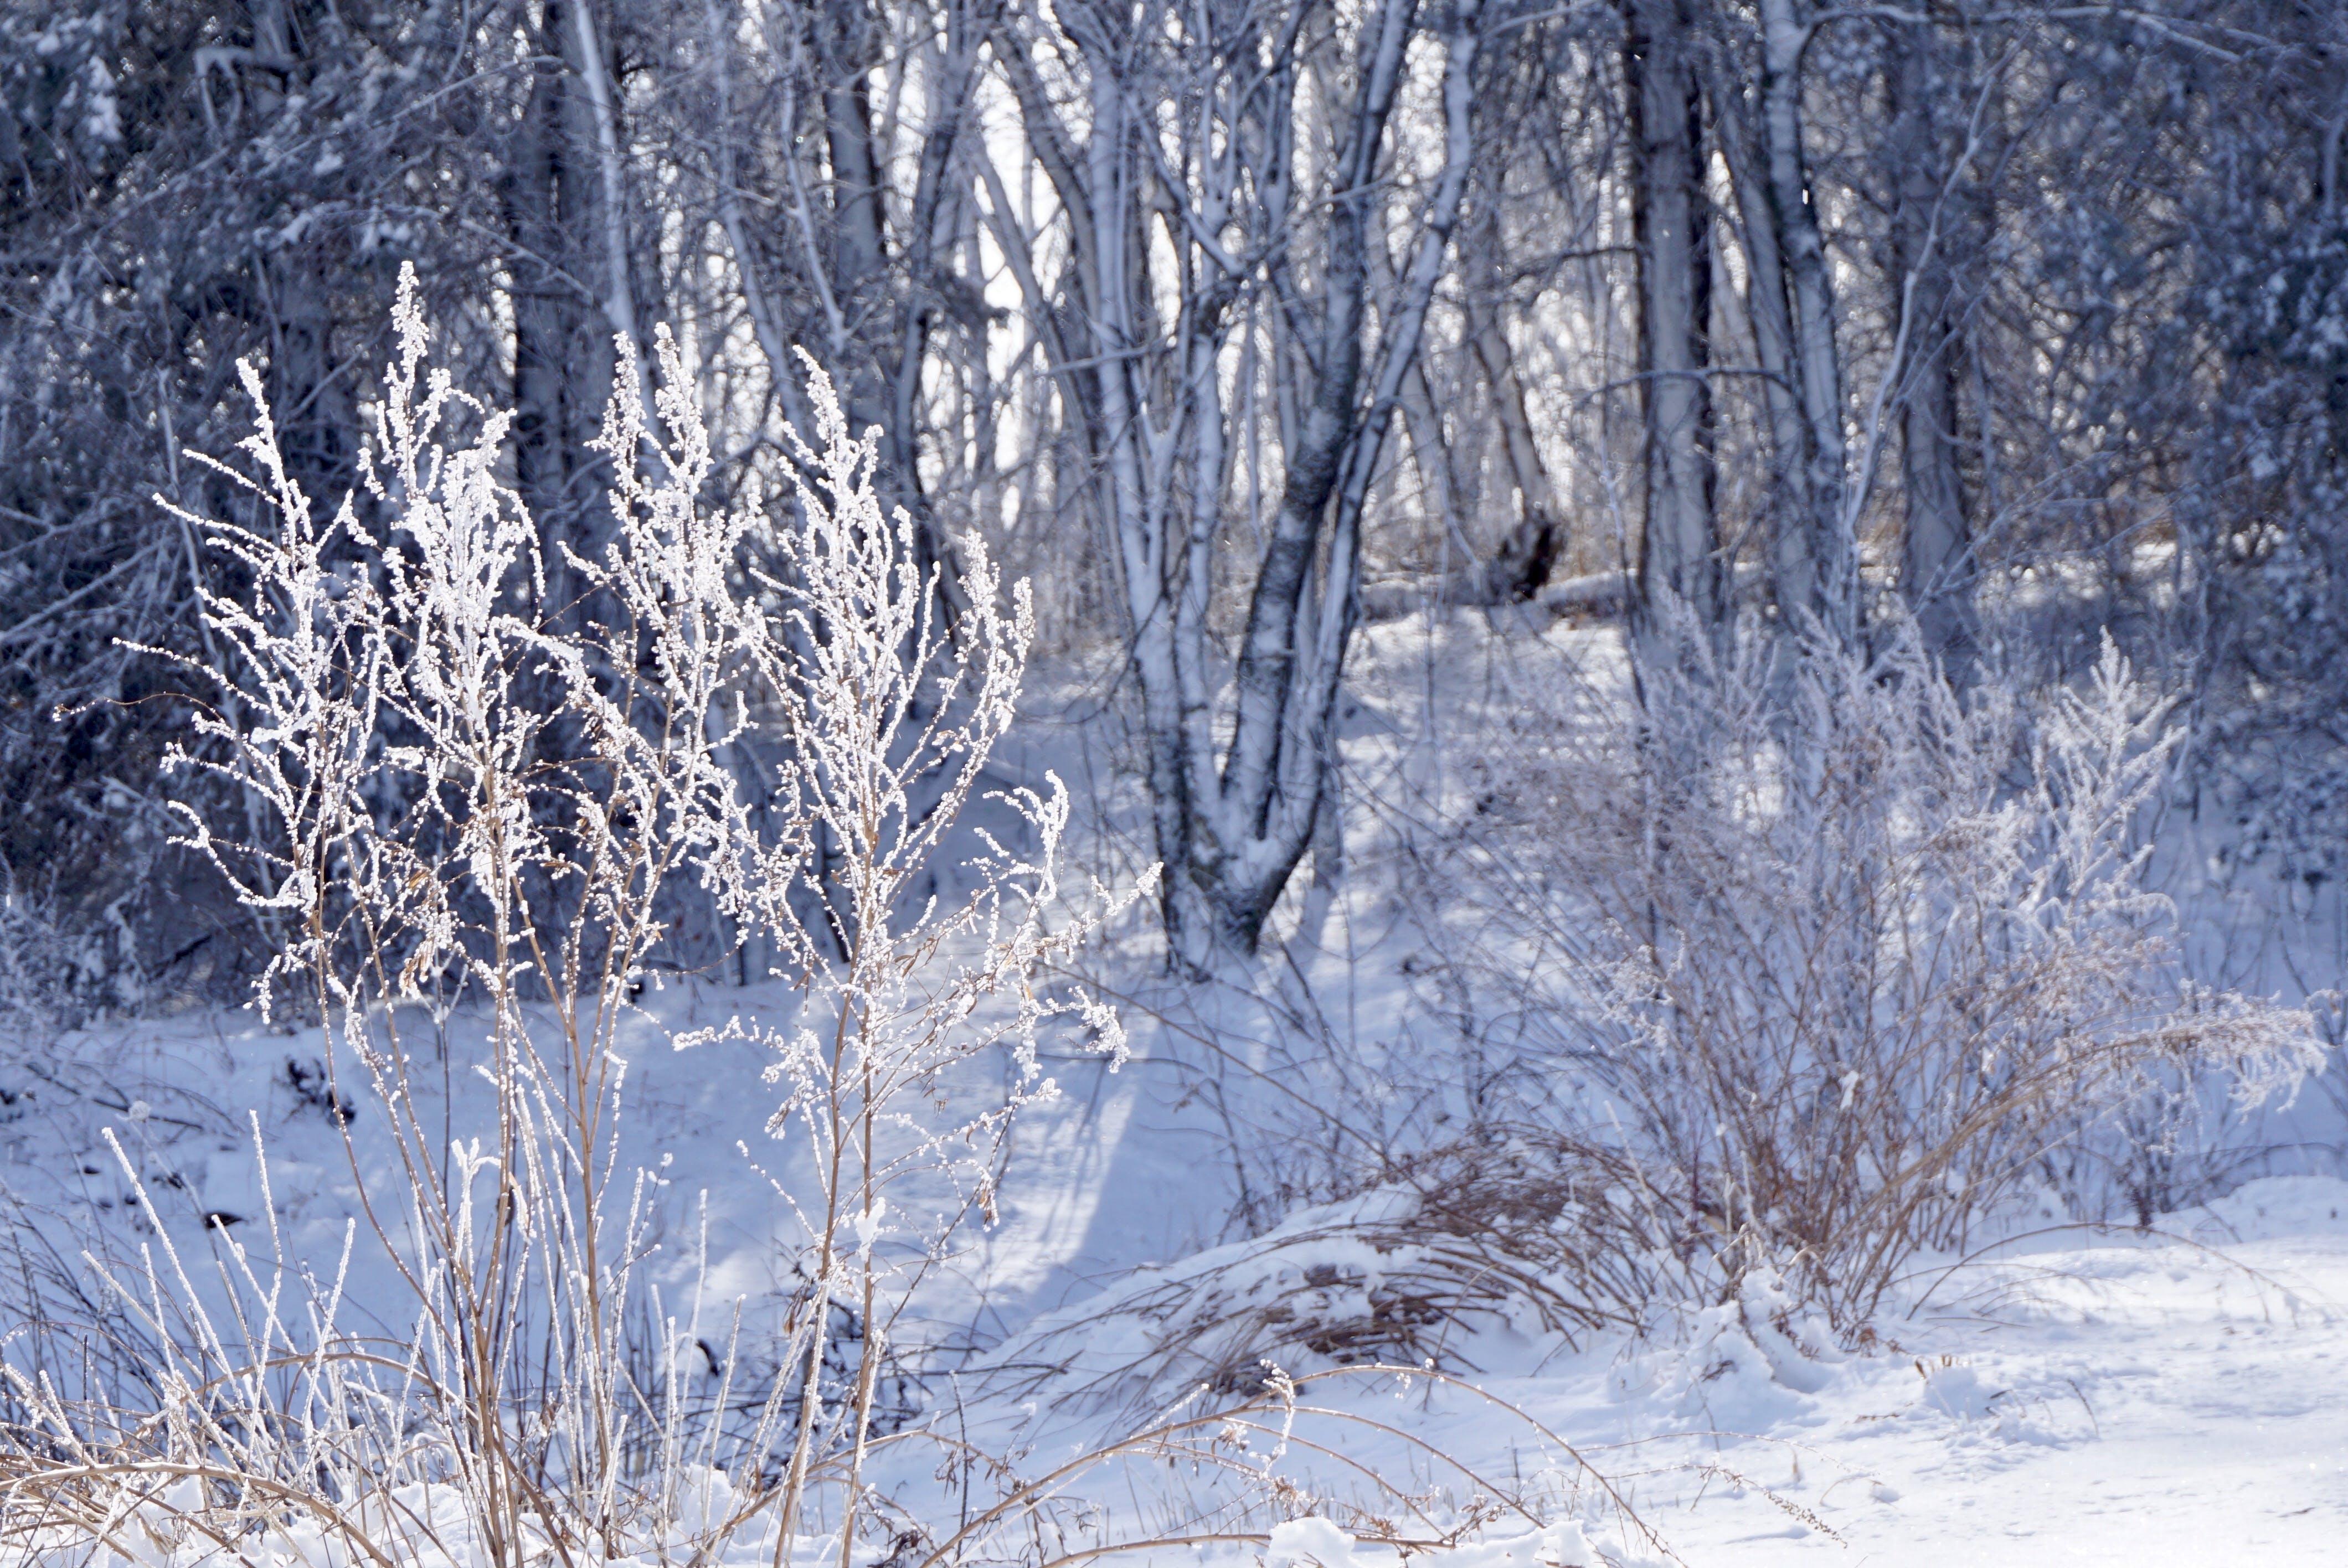 Δωρεάν στοκ φωτογραφιών με δέντρα, εποχή, ημέρα, καιρός